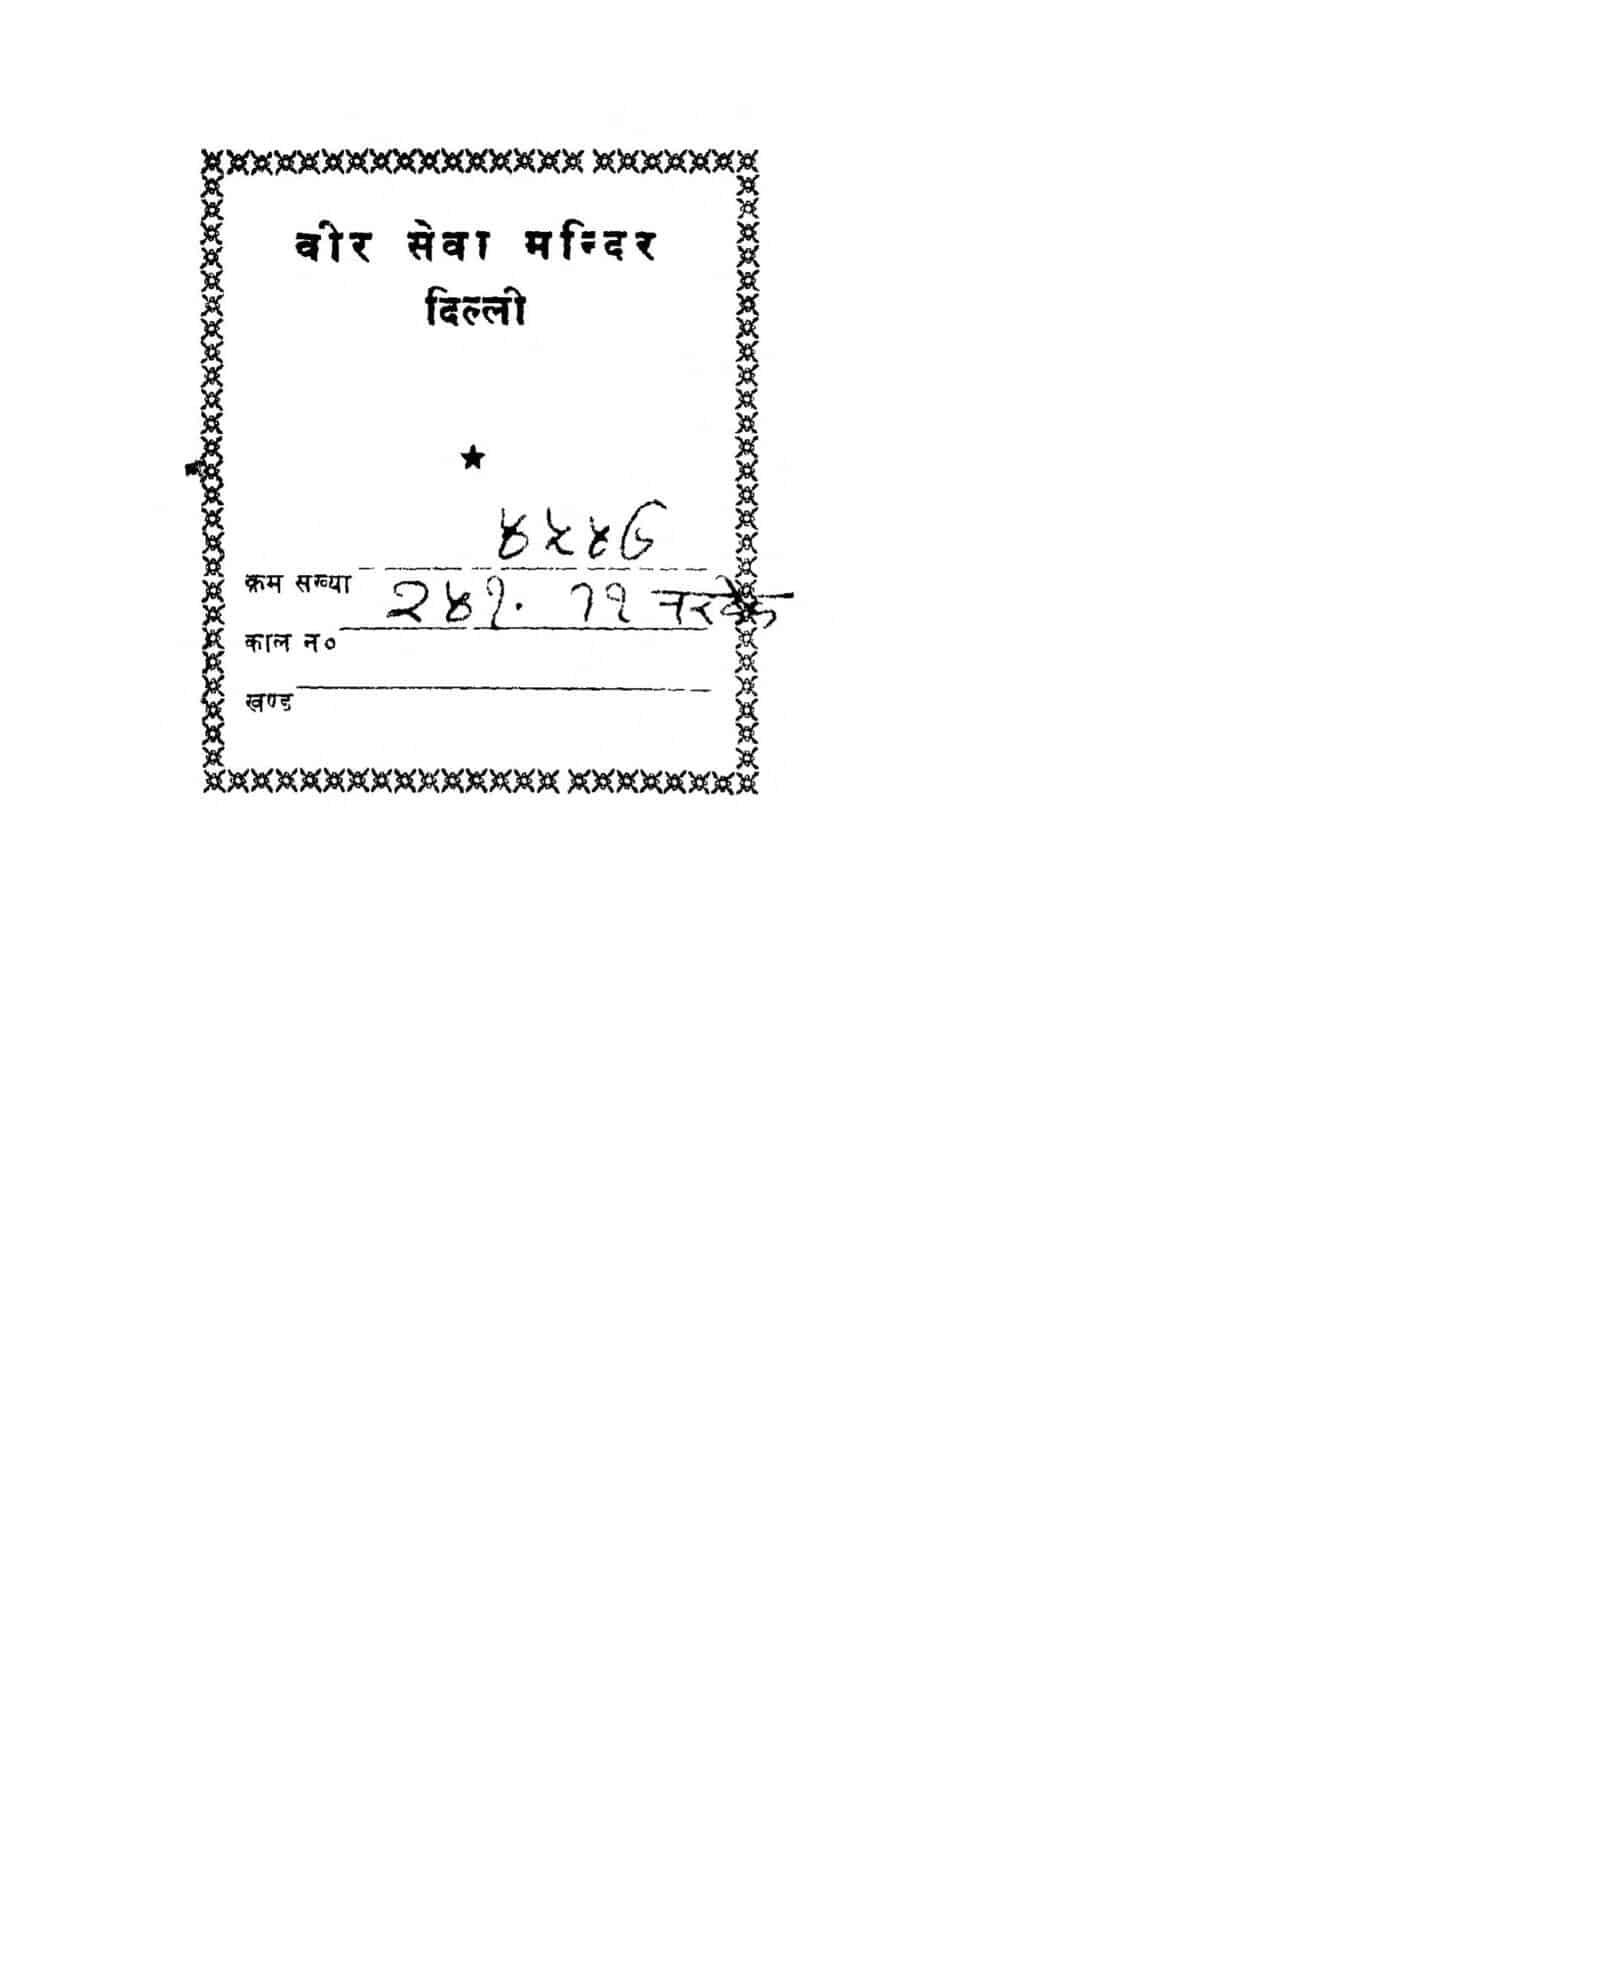 Book Image : दिवाकर का वेदांग - Divakar Ka Vedandak